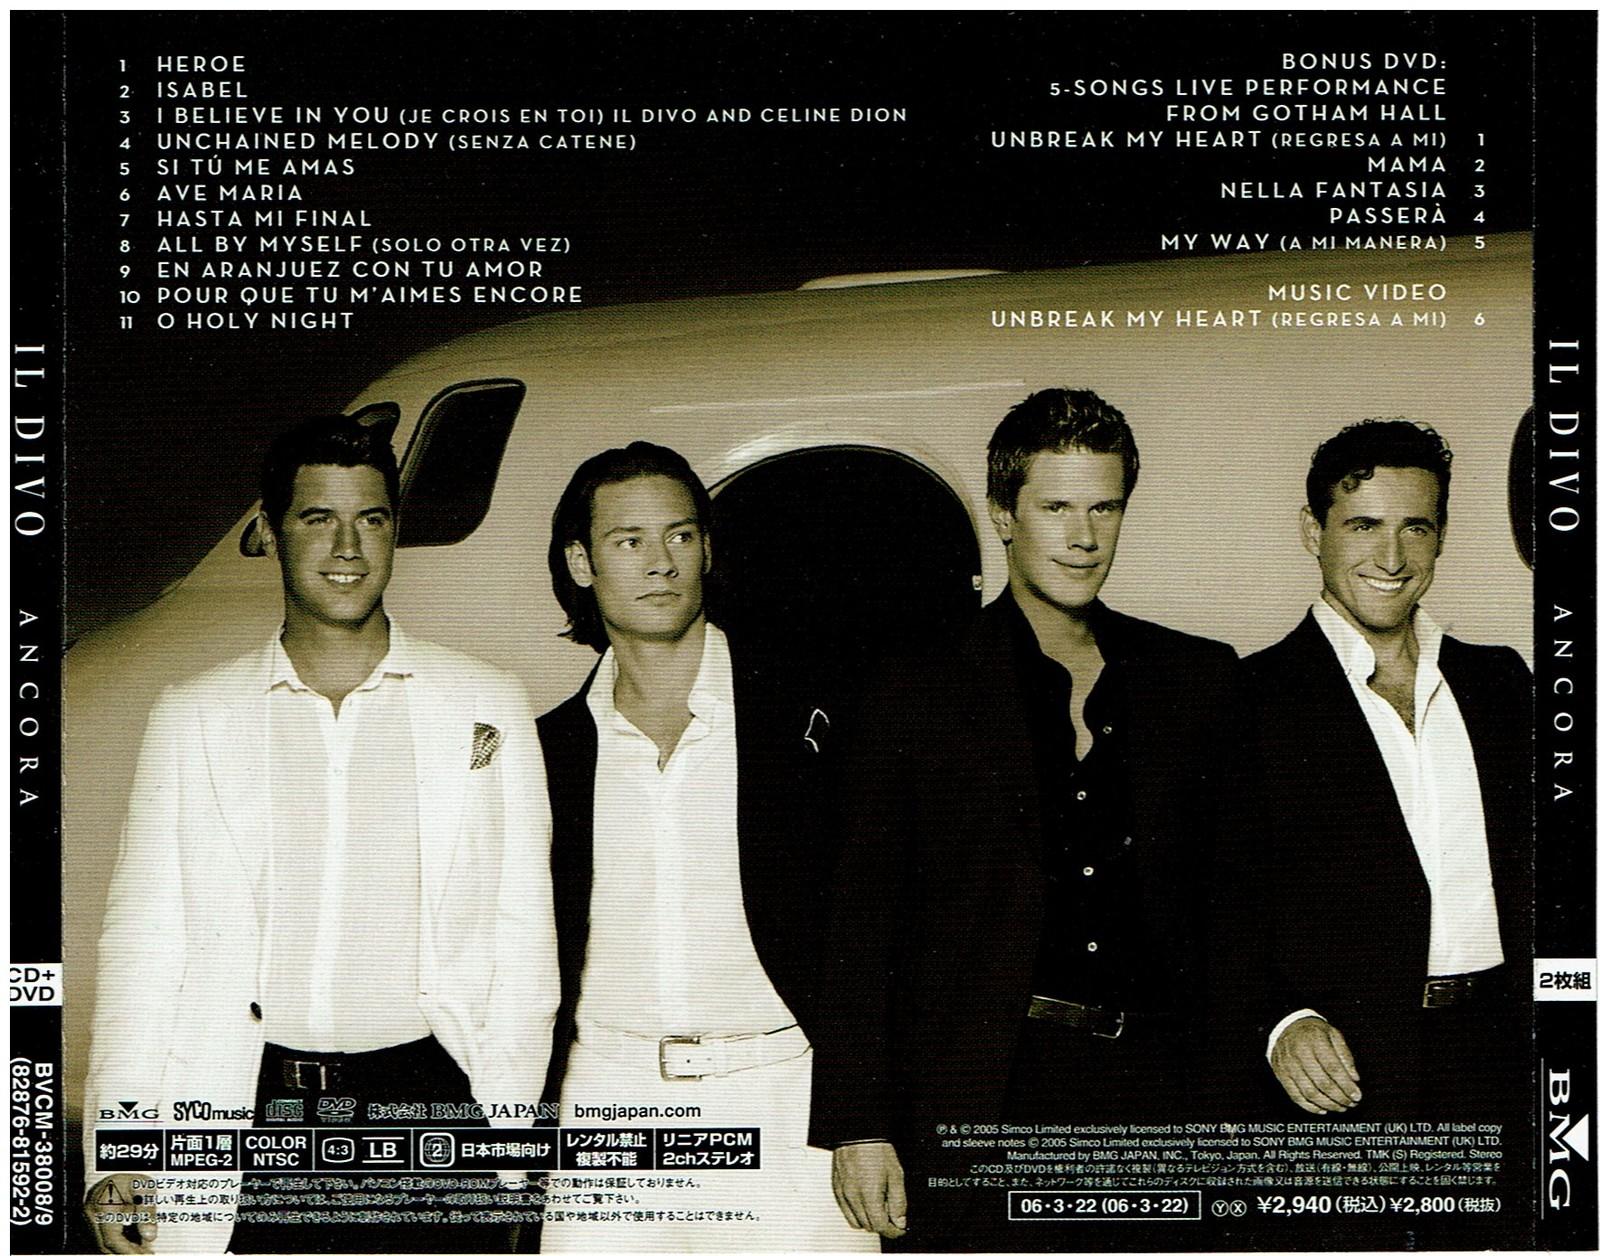 il Divo: Ancora, (Audio CD) 2006, Special 2 Disc Set